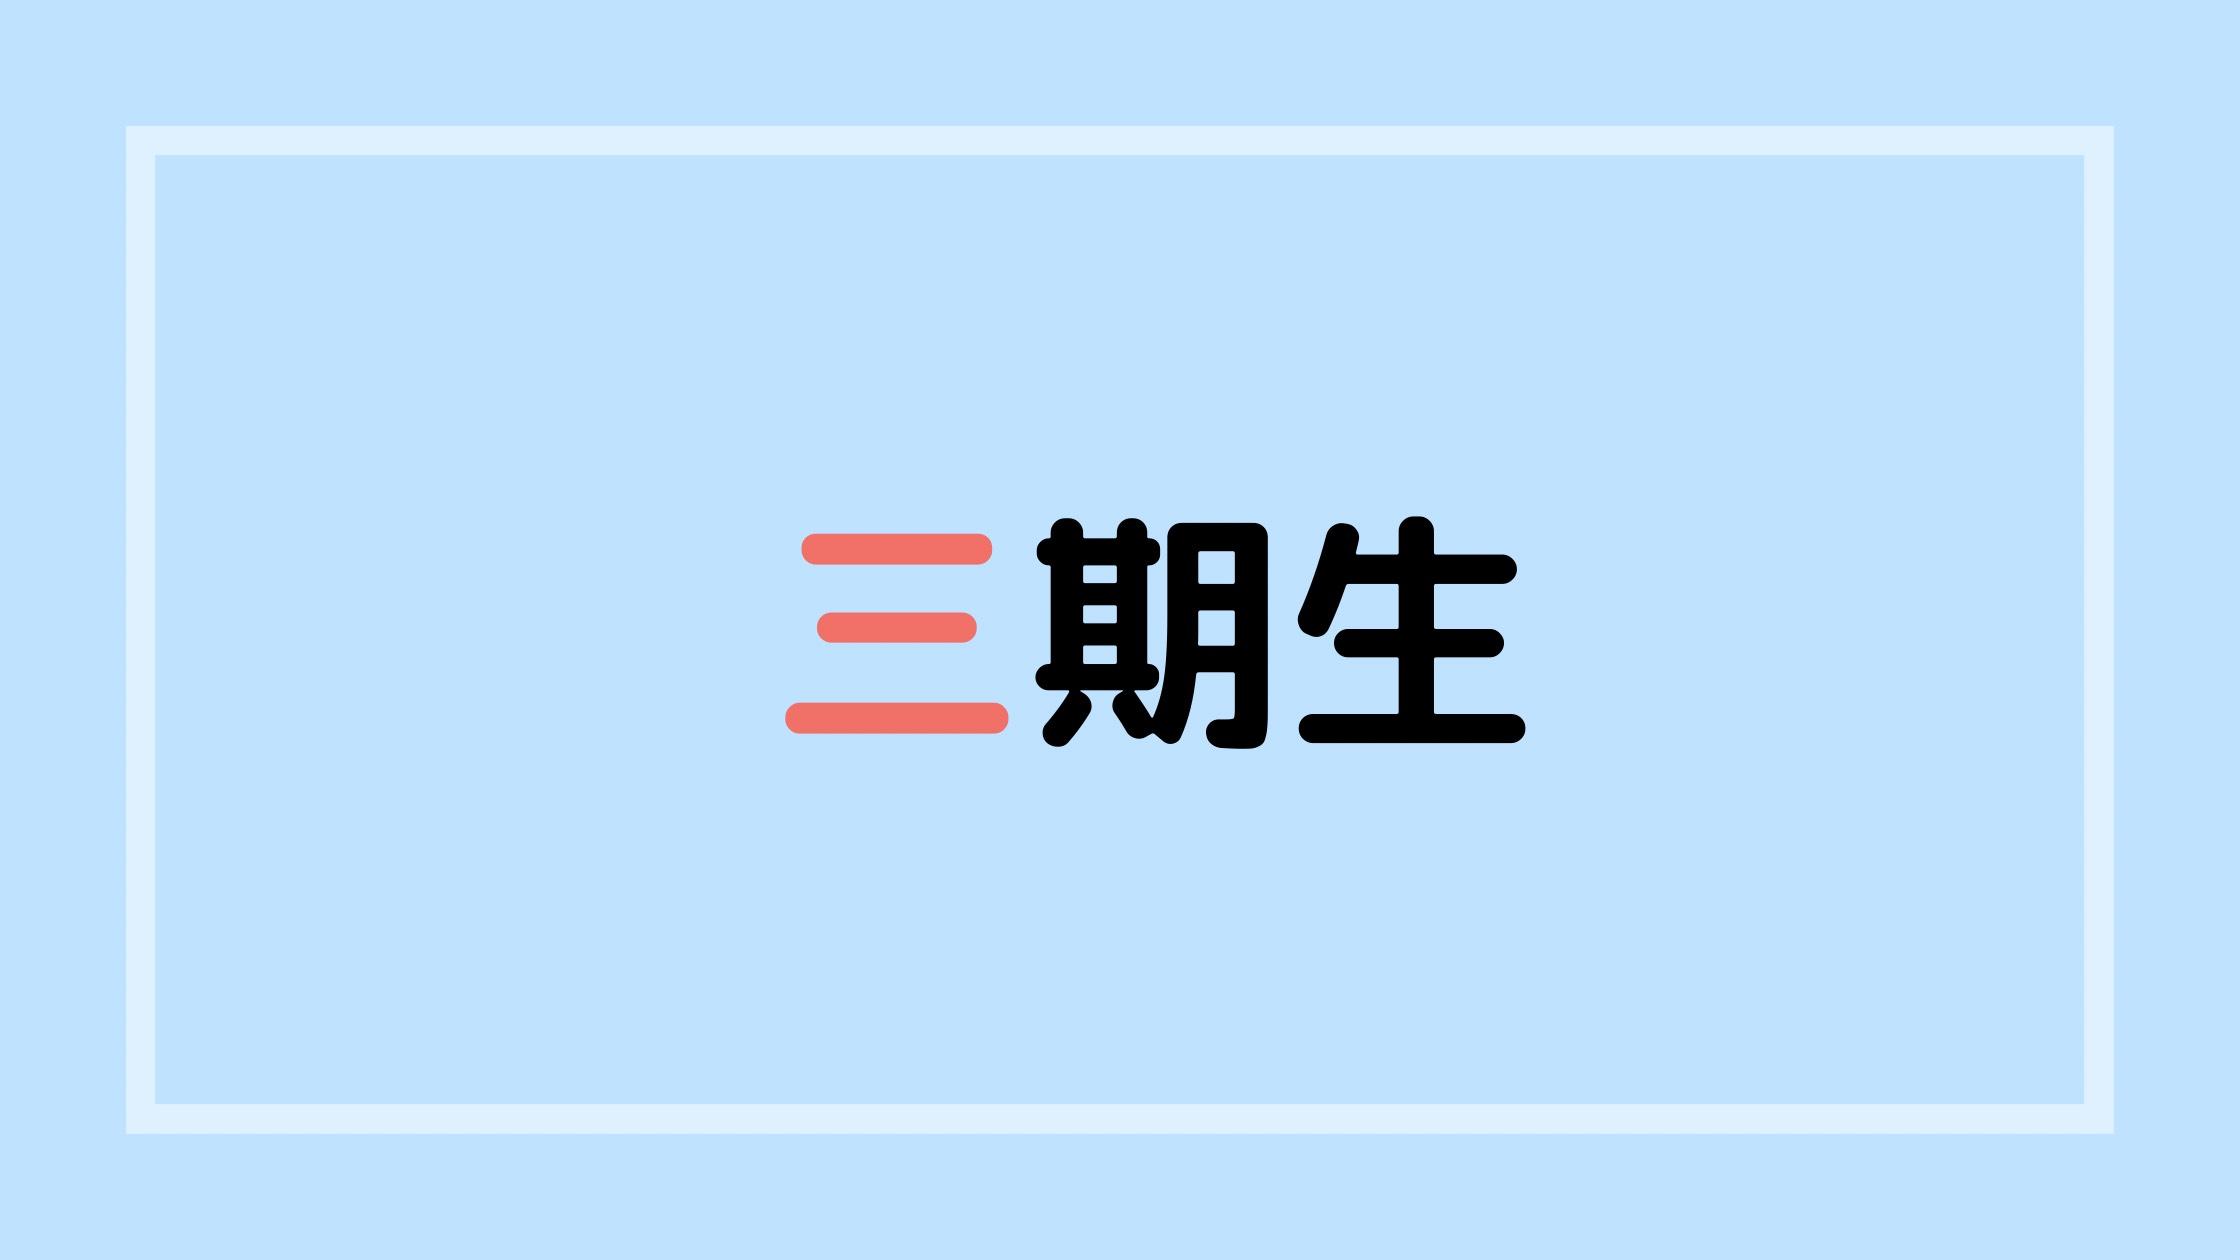 【日向坂46メンバー】三期生を全紹介!